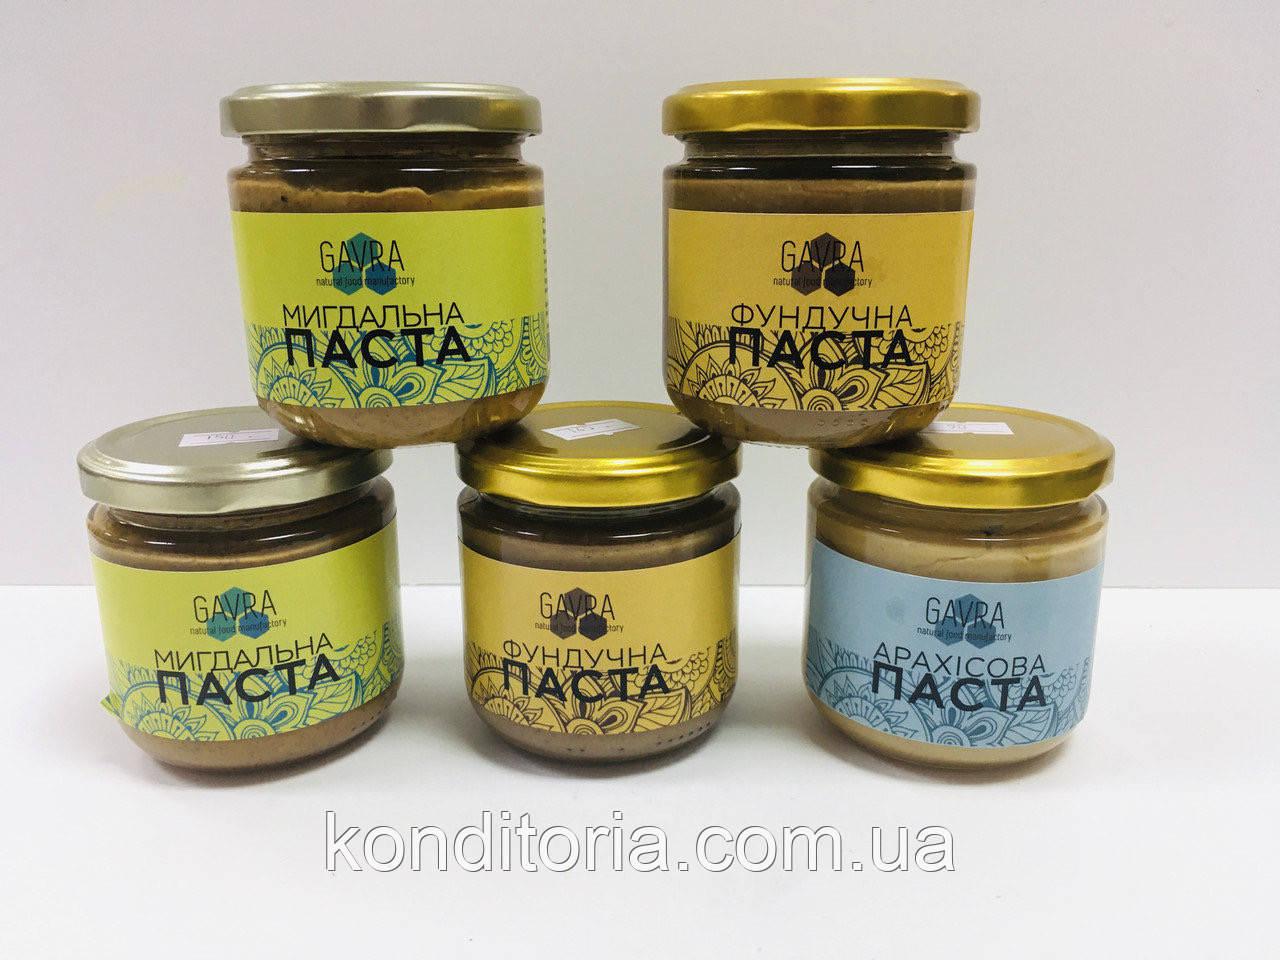 Ореховая паста, фундучная ,GAVRA